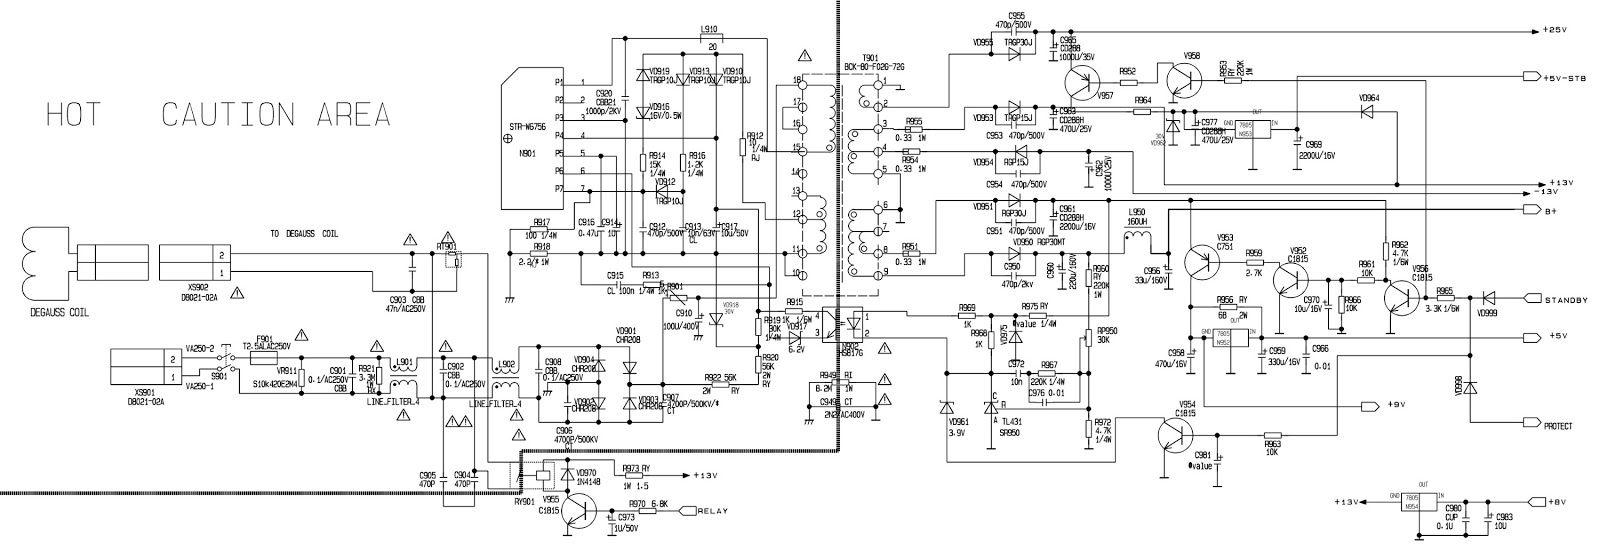 bpl tv circuit diagram download rh mamaambrosia com bpl tv power supply diagram bpl tv power supply diagram [ 1600 x 559 Pixel ]